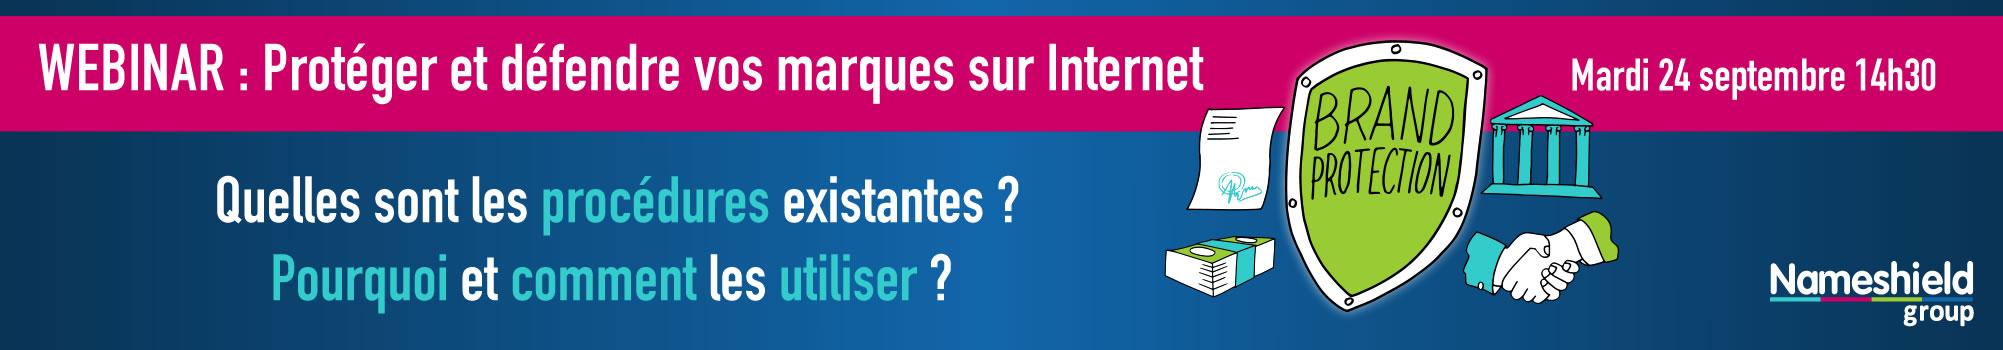 WEBINAR - Protéger et défendre vos marques sur Internet : Quelles sont les procédures existantes ? Pourquoi et comment les utiliser ? - Le 24 septembre à 14h30